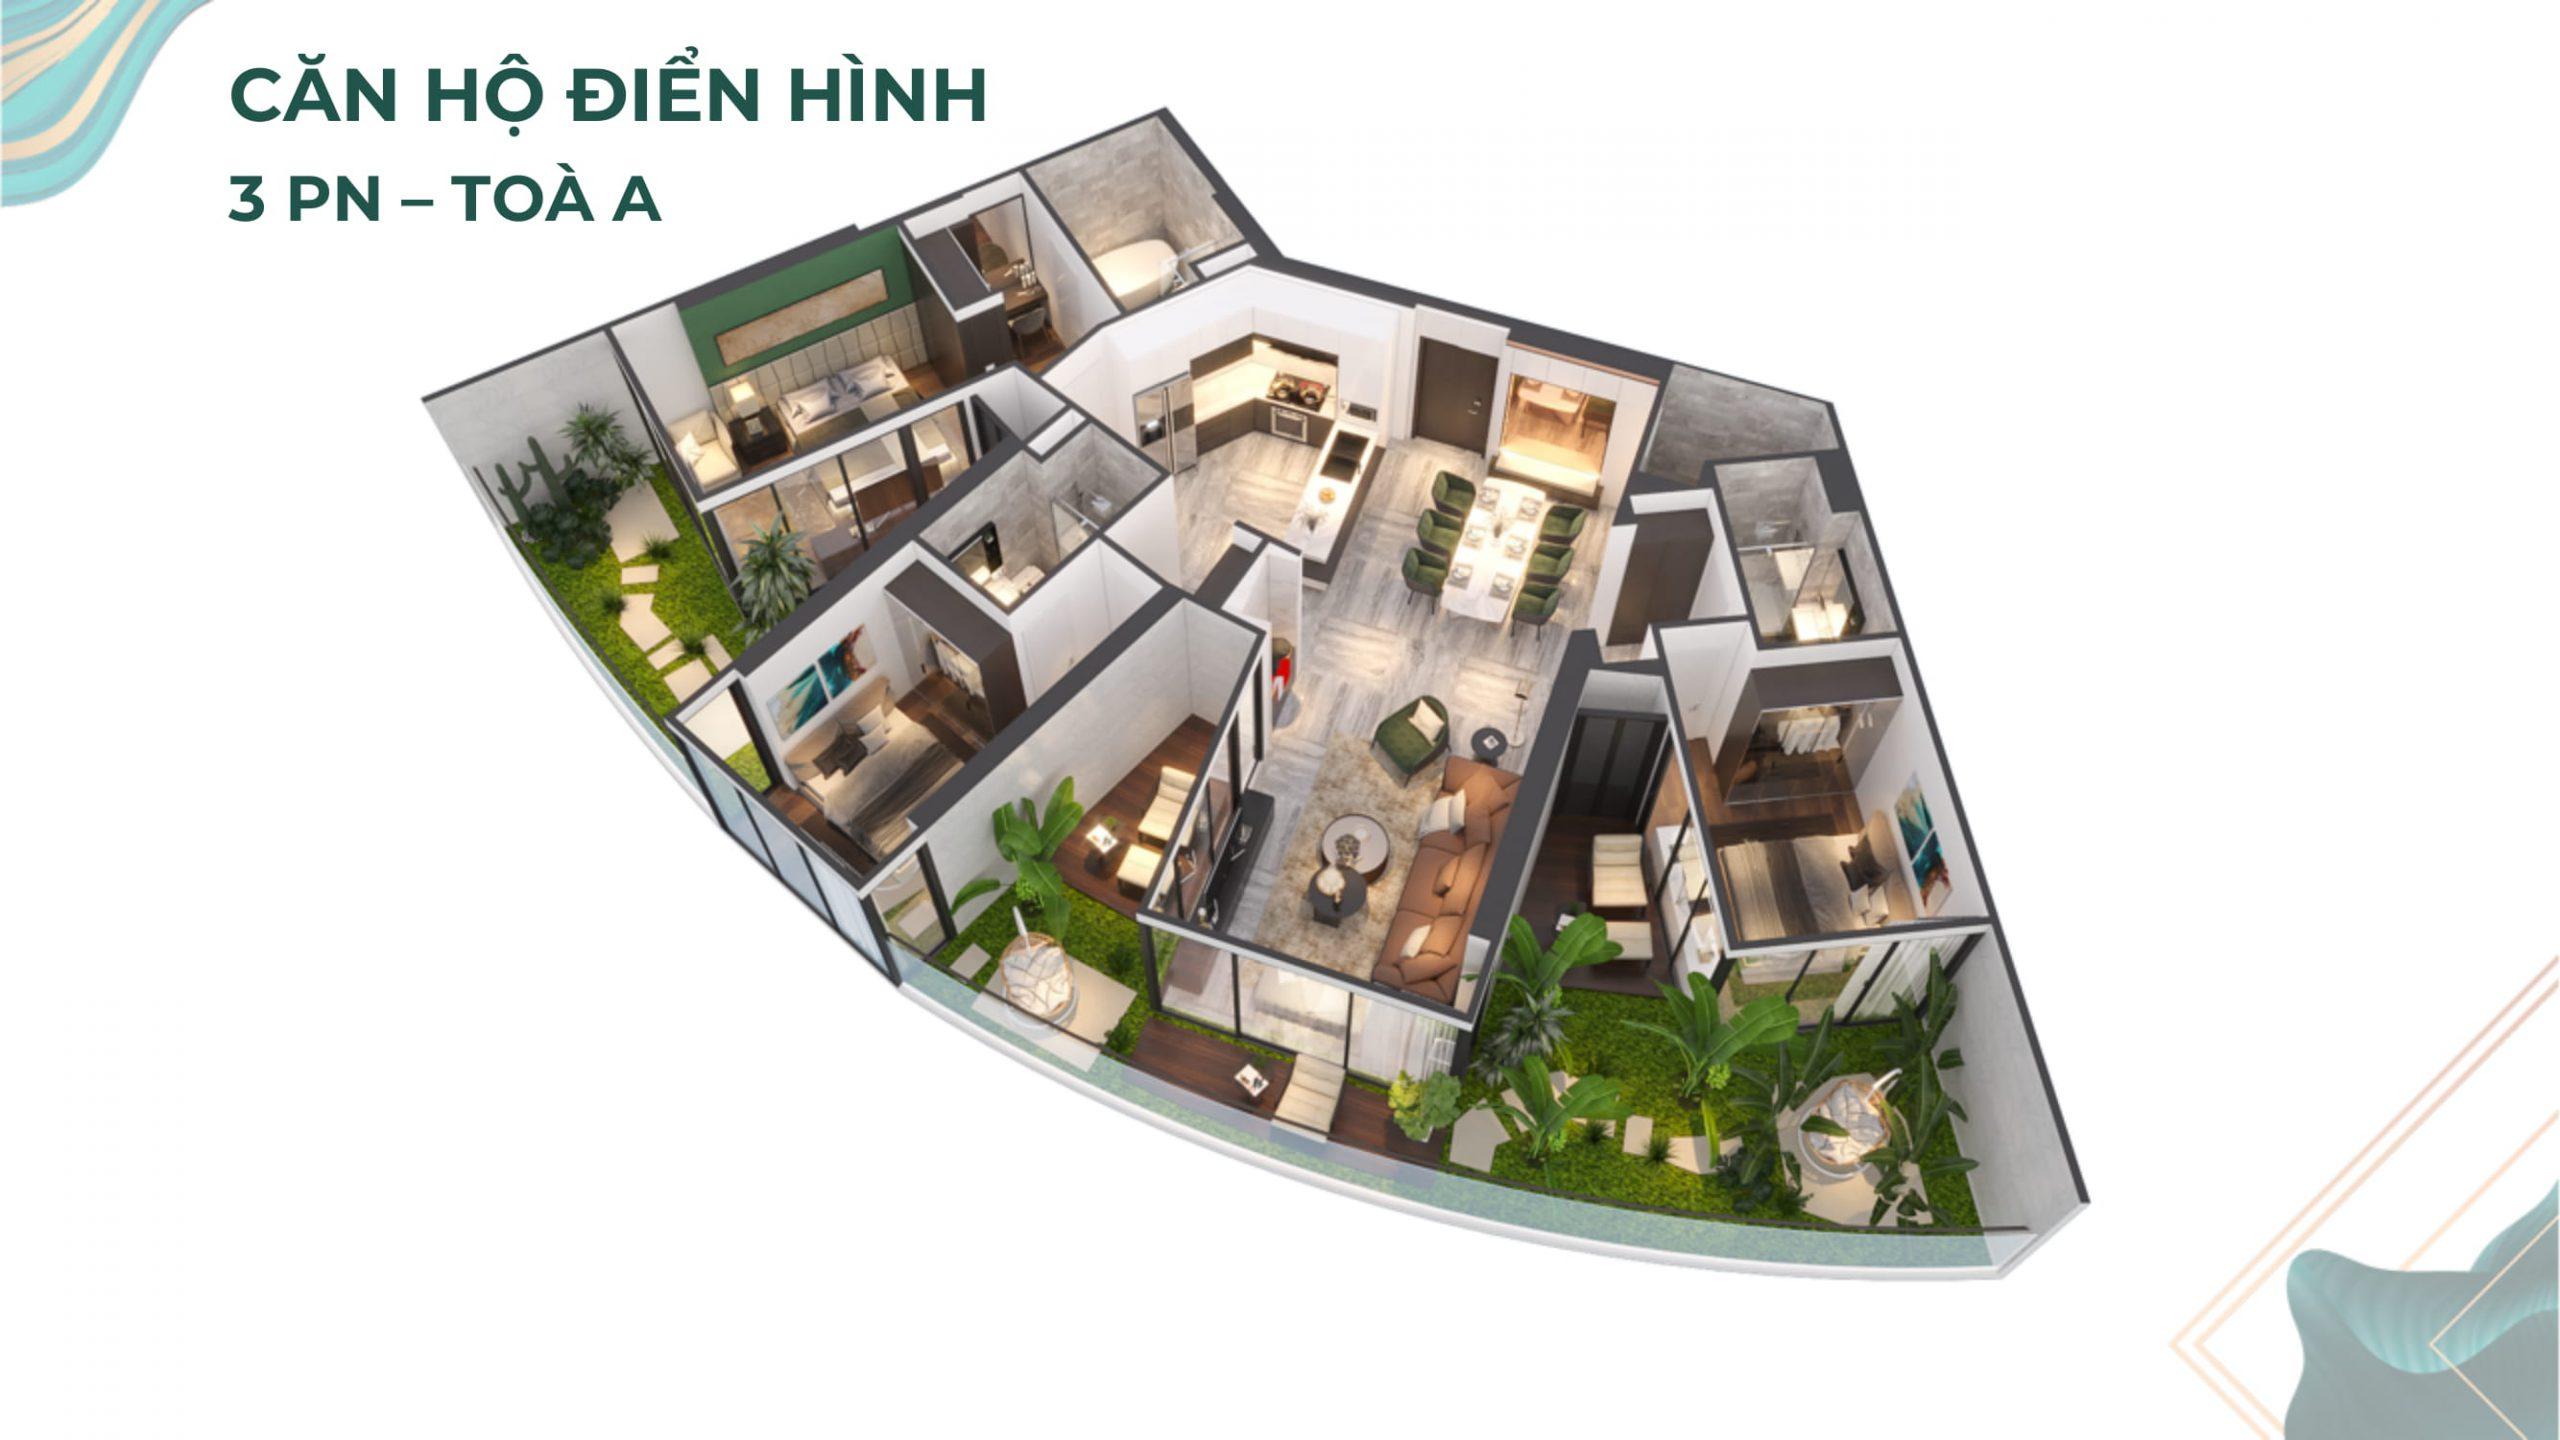 Bán căn hộ 4.0 Sunshine Venicia 3pn 85m2 TT 25% ngân hàng hỗ trợ 70%